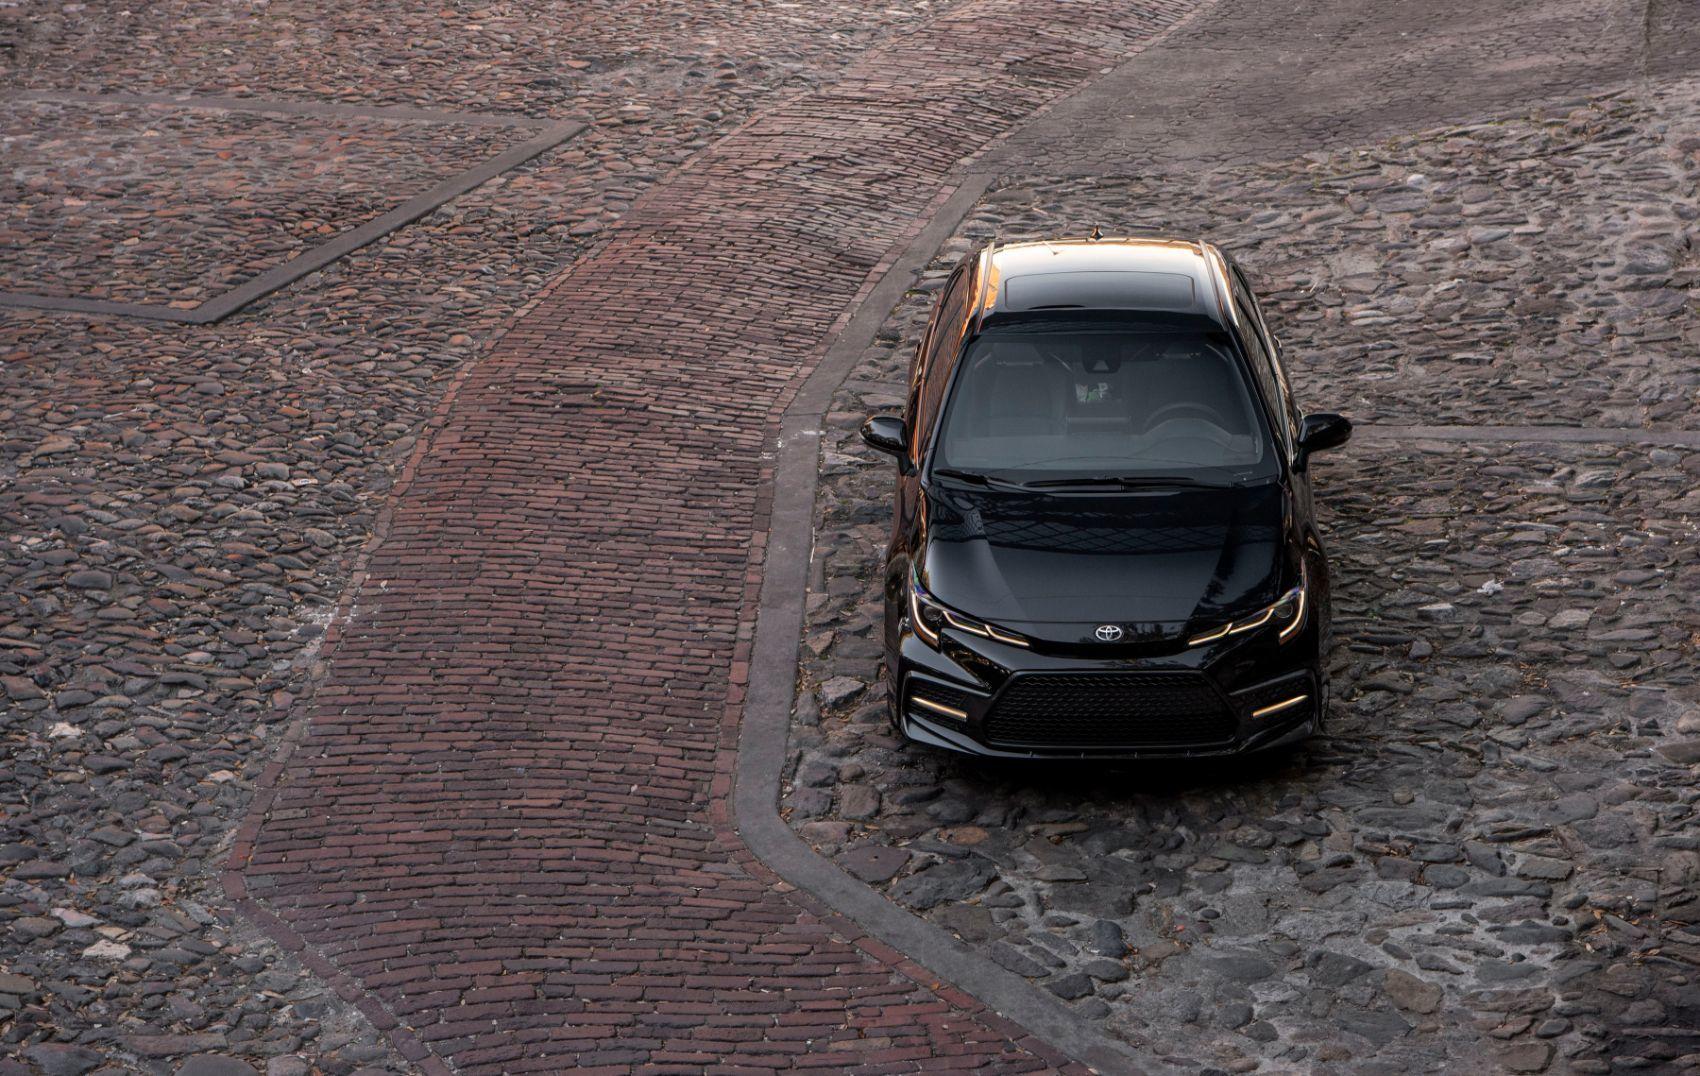 2020 Corolla XSE BlackSandPearl 006 8AF3DC8BCA6ABA0DFEDC67BFA390B3BCB30DA6A2